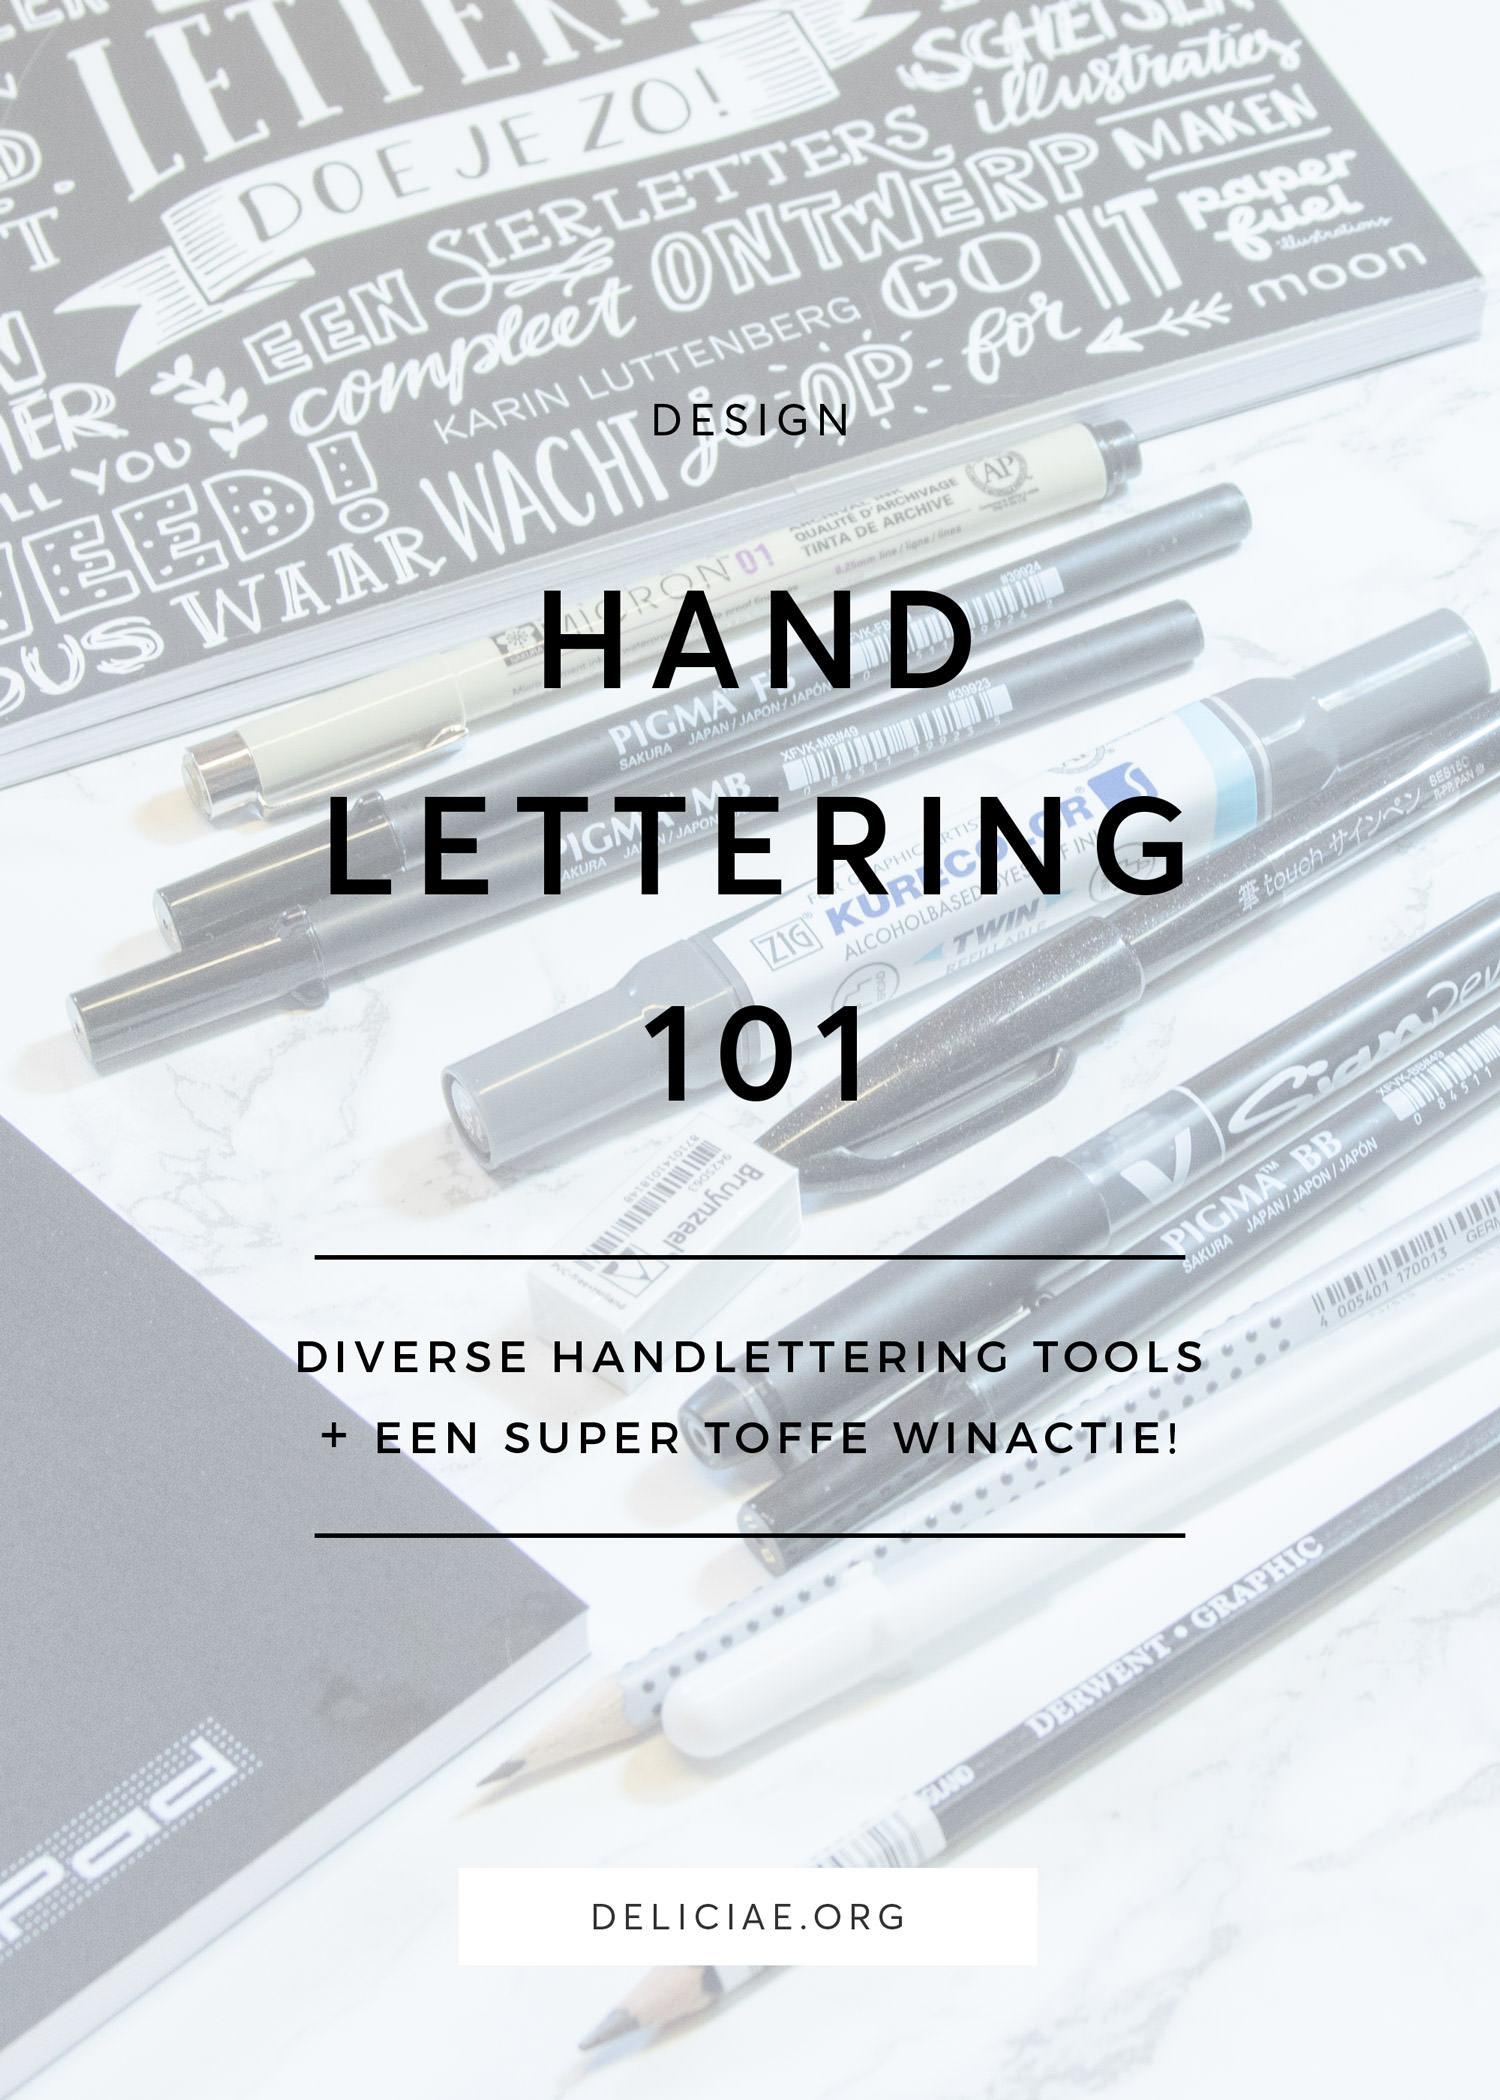 handlettering-101-tools-winactie